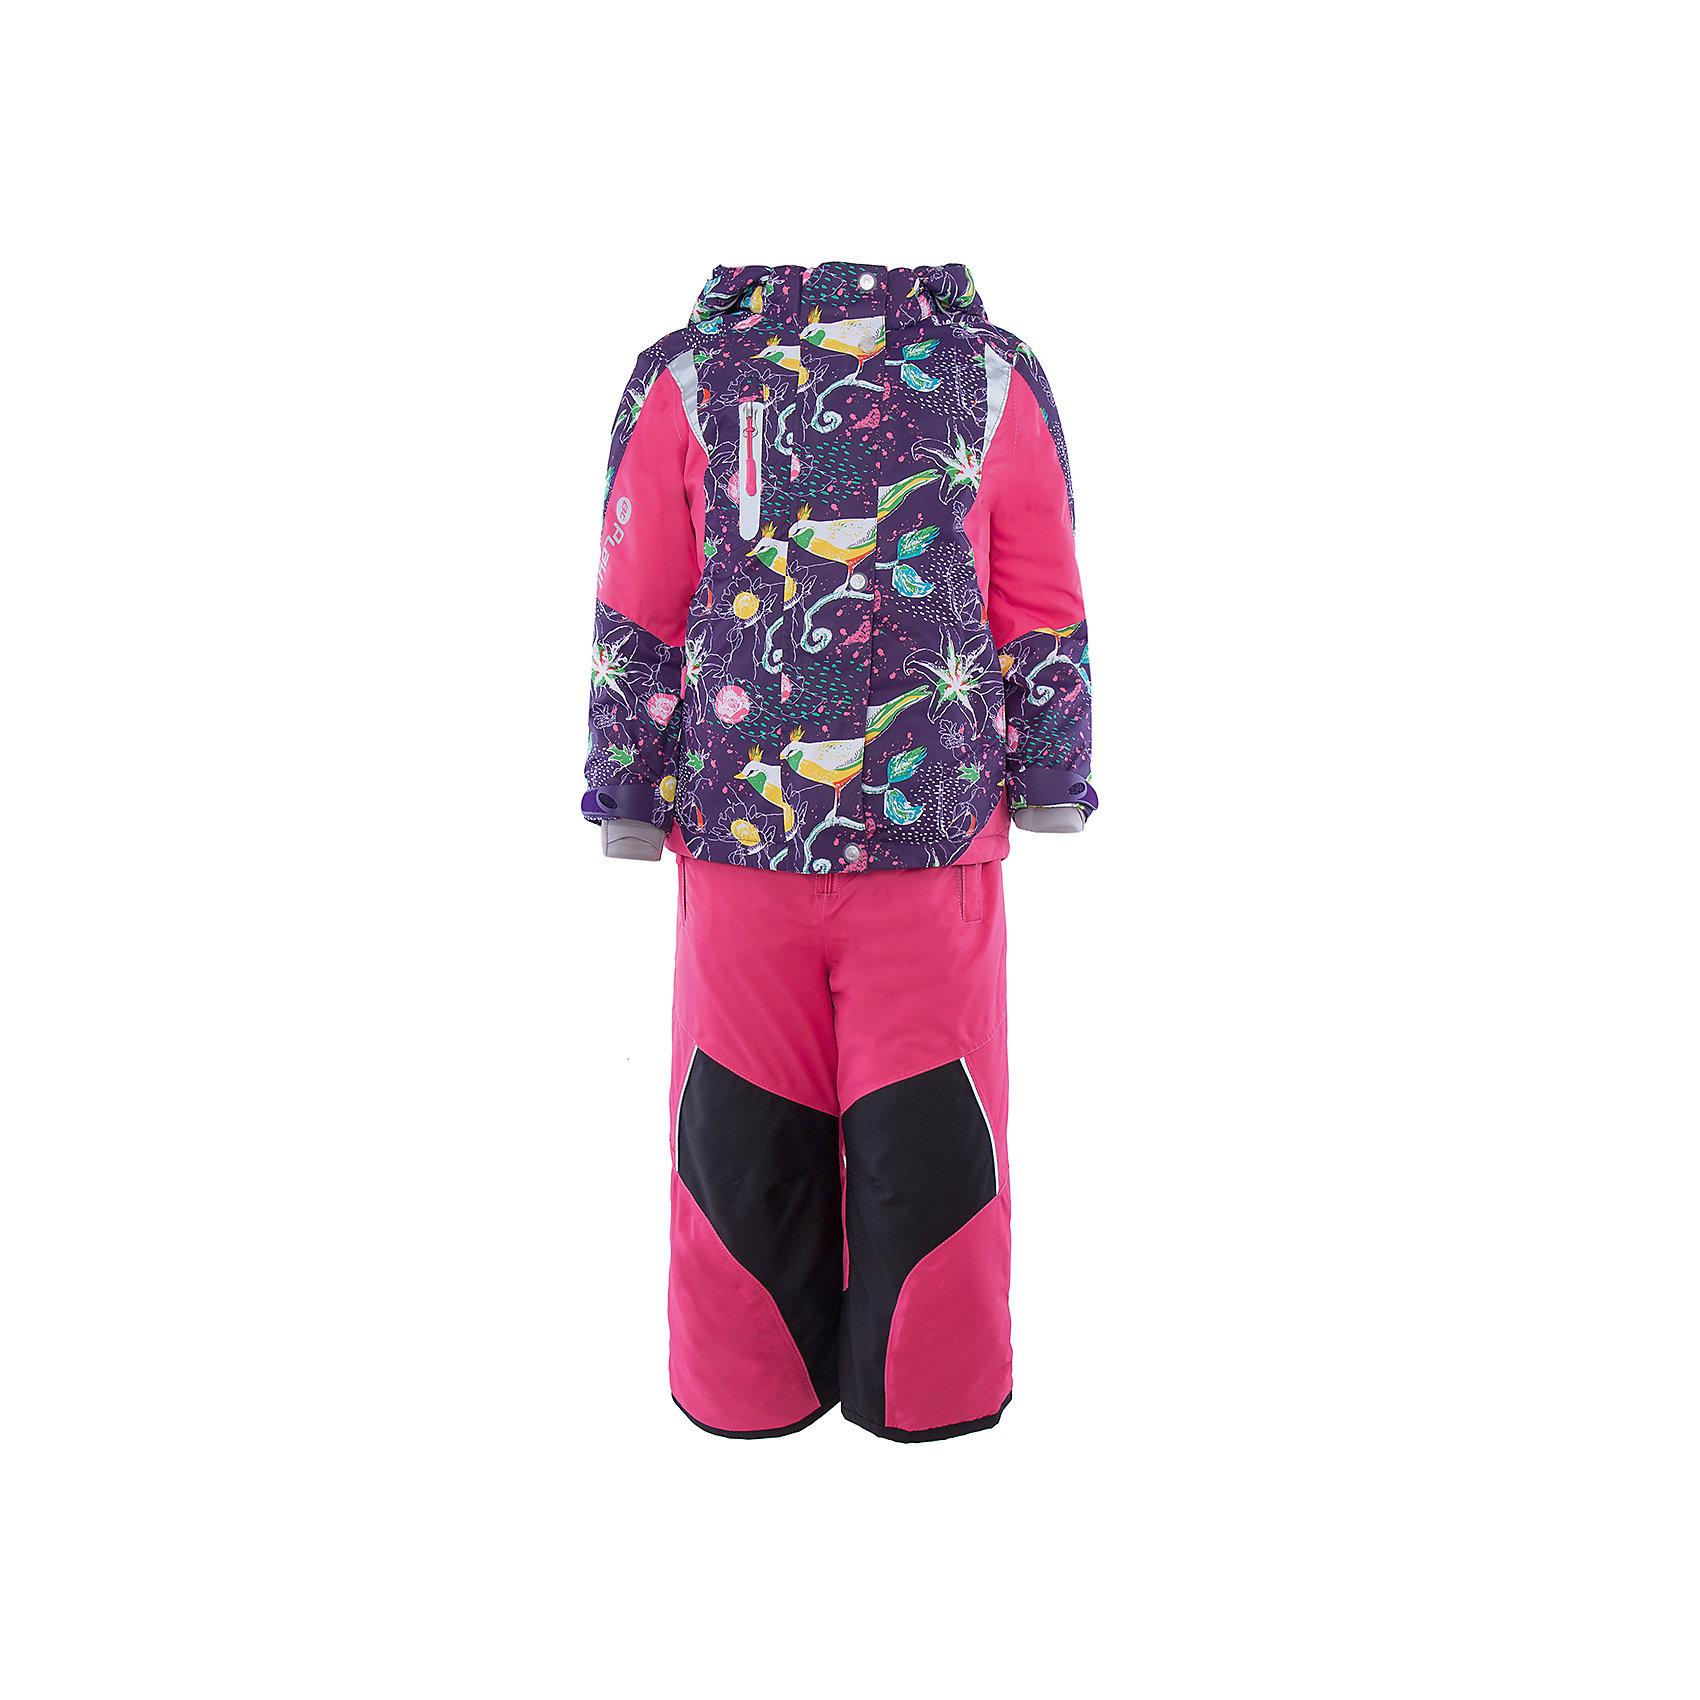 Комплект: куртка и полукомбинезон для девочки atPlay!Верхняя одежда<br>В холода необходимо особенно тщательно подходить к подбору одежды для ребенка. Чтобы обеспечить ему тепло, сухость и комфорт, можно выбрать этот костюм, сшитый из мембранного материала.<br>Он позволяет коже дышать, помогает выводить лишнюю влагу, при этом не позволяет ребенку замерзнуть или промокнуть. Выглядит при этом модель очень симпатично! Изделие выполнено очень качественно. Фурнитура для него подбиралась с учетом особенностей детского организма. В комплекте идет курточка и полукомбинезон.<br><br><br>Дополнительная информация:<br><br>цвет: розовый;<br>материал: полиэстер, фурнитура YKK, водо- и грязеотталкивающее покрытие Teflon, нижний комбинезон - флис;<br>утеплитель: Thinsulate 150 г;<br>температурный режим: от -25° С до +5° С;<br>мягкие элементы на капюшоне и воротнике;<br>паропроницаемость: 10000 г / м.куб. / 24 ч;<br>водонепроницаемость: 10000 мм / 24 ч;<br>швы проклеены;<br>капюшон регулируется.<br><br>Костюм для девочки от бренда atPlay! можно приобрести в нашем интернет-магазине.<br><br>Ширина мм: 356<br>Глубина мм: 10<br>Высота мм: 245<br>Вес г: 519<br>Цвет: розовый<br>Возраст от месяцев: 84<br>Возраст до месяцев: 96<br>Пол: Женский<br>Возраст: Детский<br>Размер: 128,104,110,116,122<br>SKU: 4940516